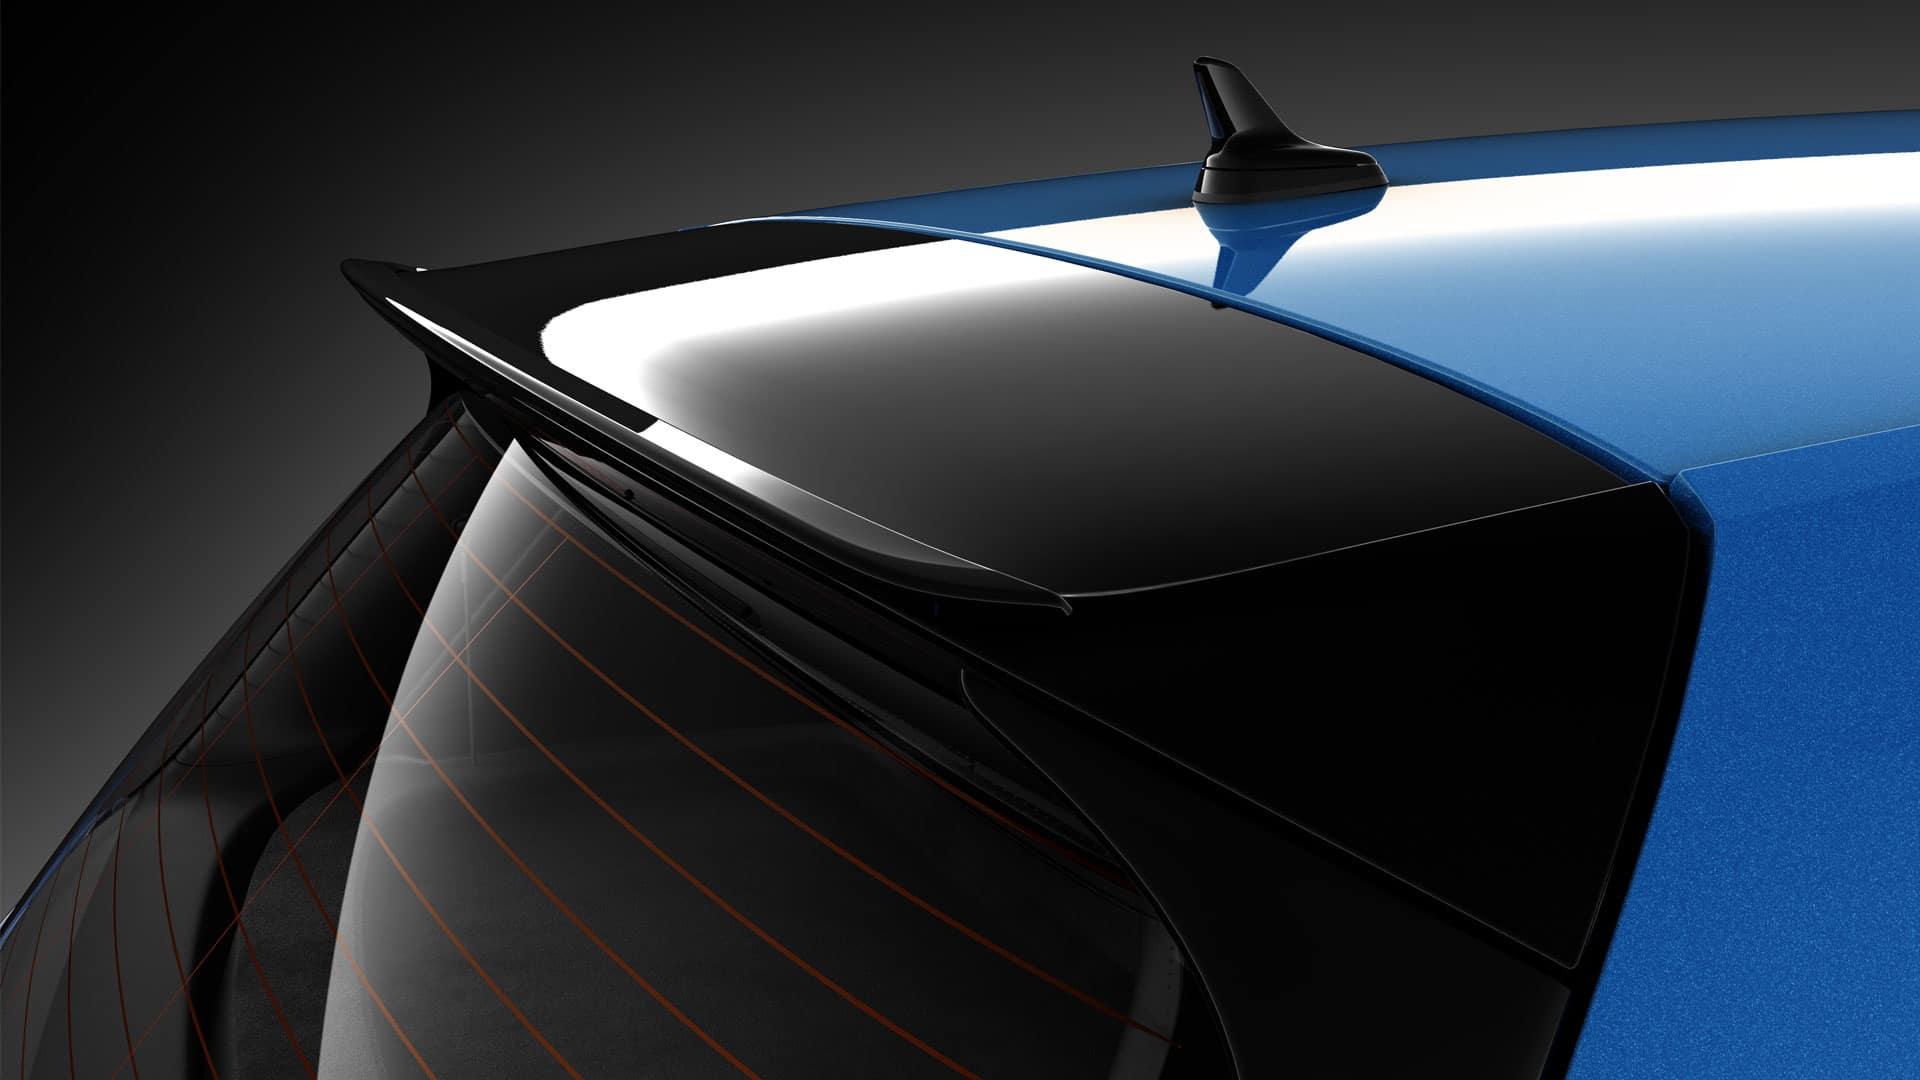 2019 VW Golf GTI vmax spoiler